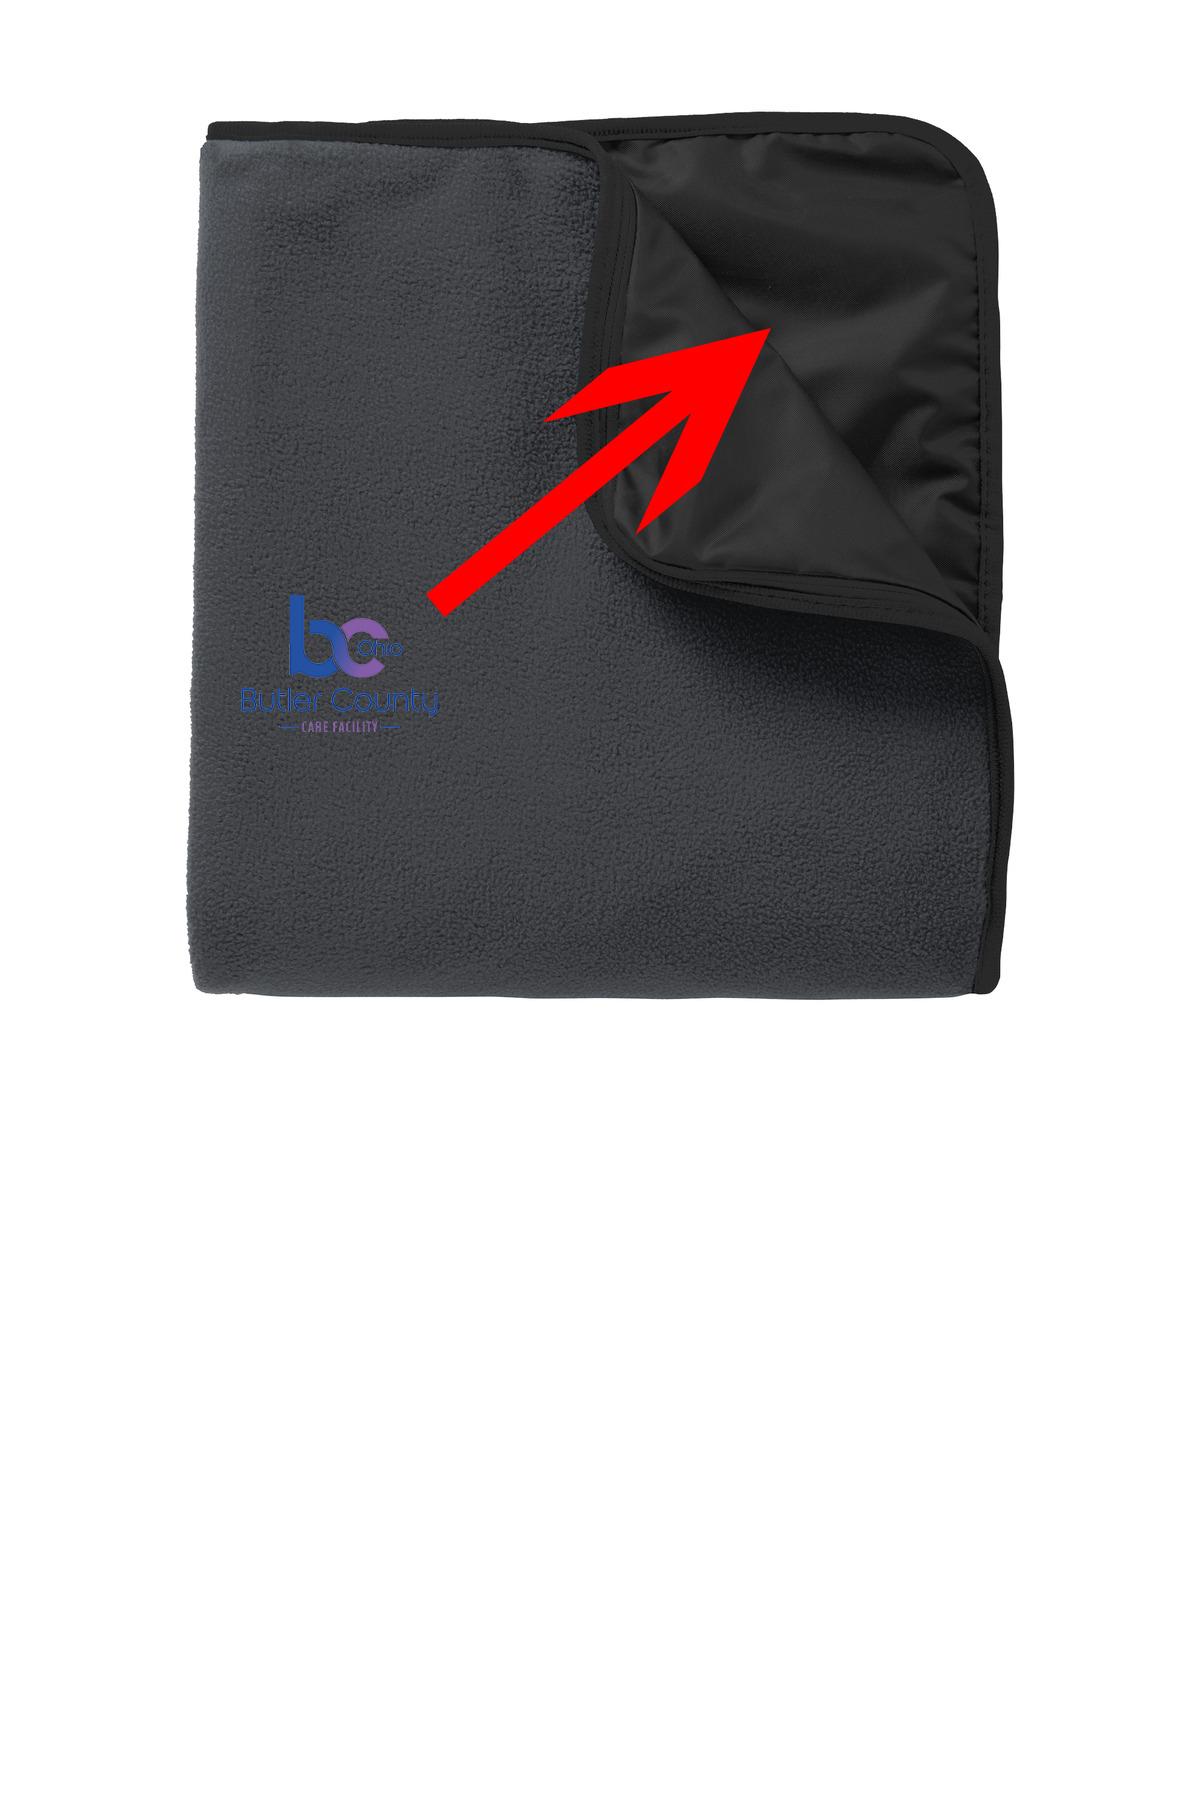 Port Authority® Fleece & Poly Travel Blanket.-Port Authority